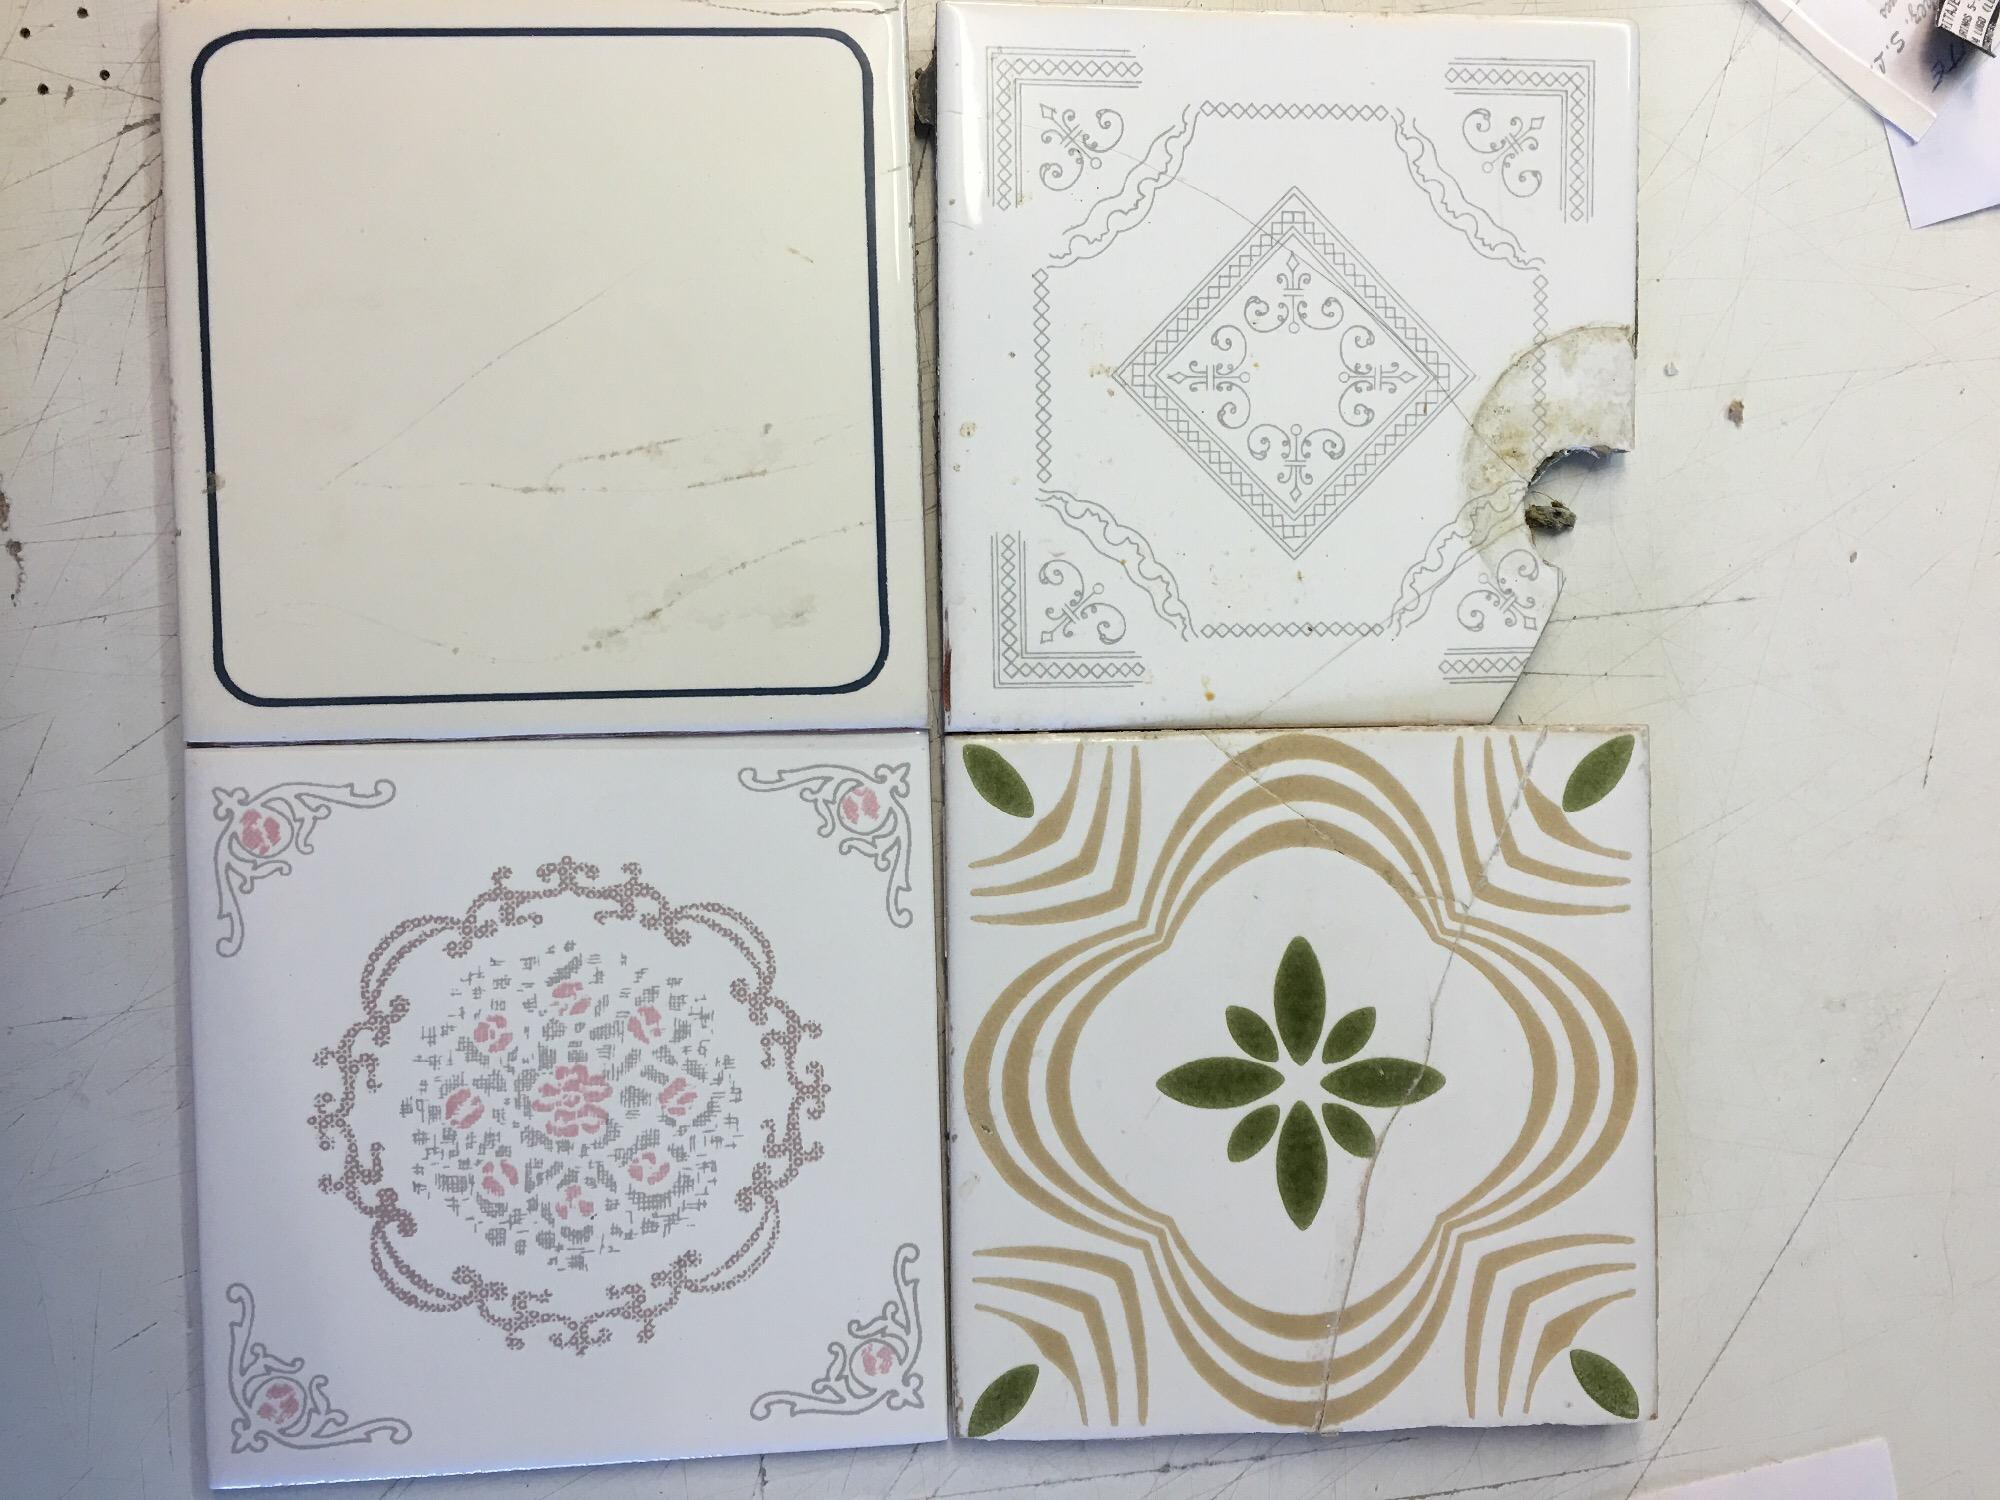 Busca un azulejo whatsapp 609 701179 copia de azulejos - Copia de azulejos ...